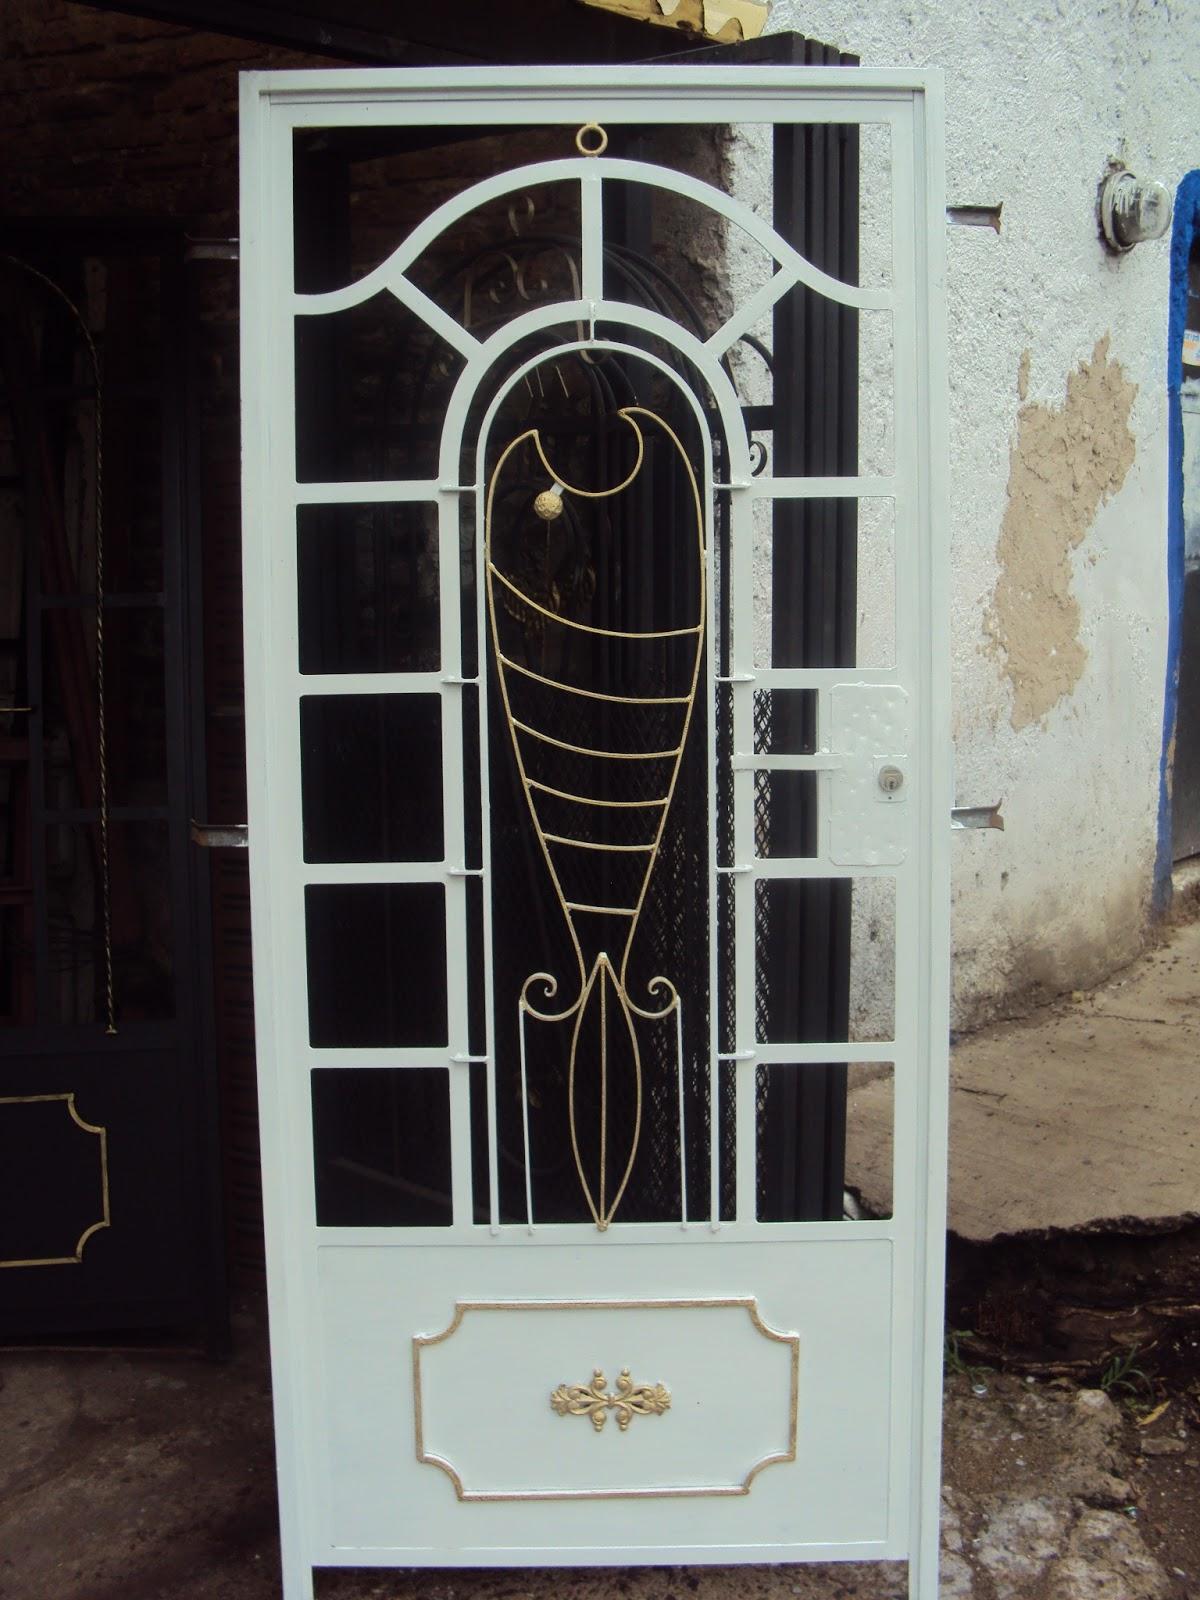 Herreria rober galeria de puertas - Puertas herreria ...